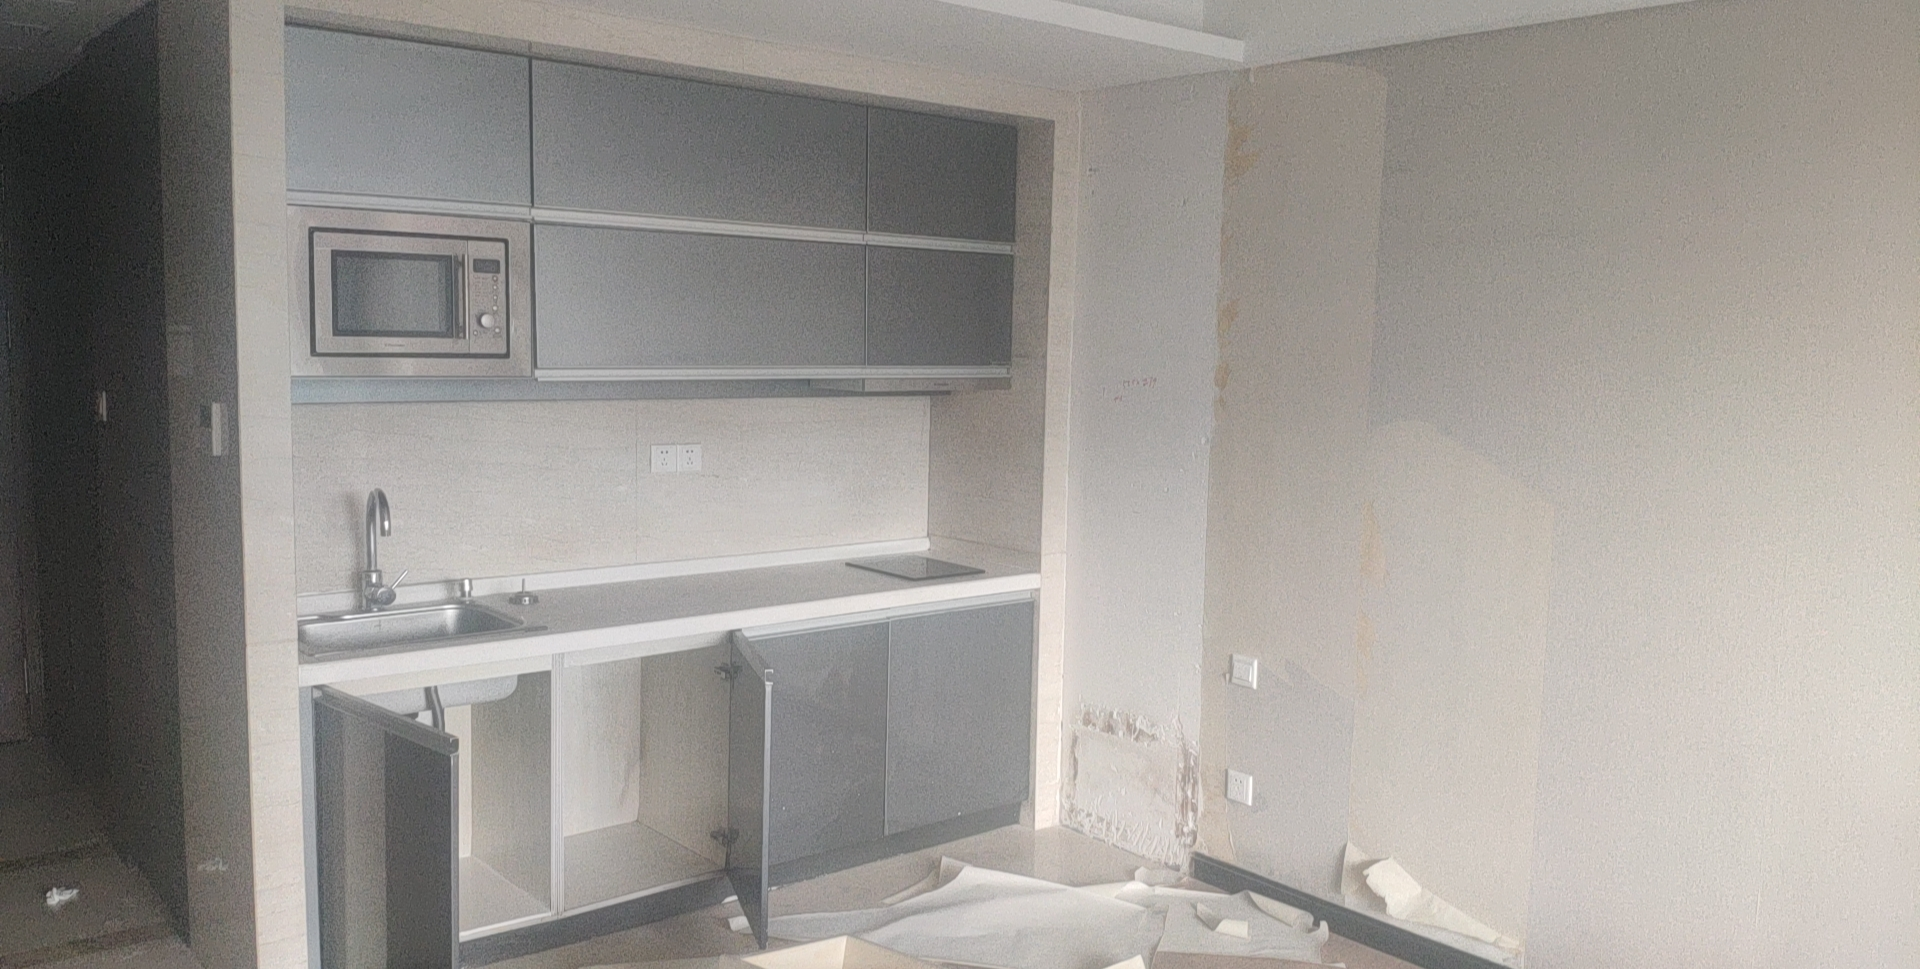 滨江小户型旧房改造-177bfc6feea3bb88dd5599ea4cc489f